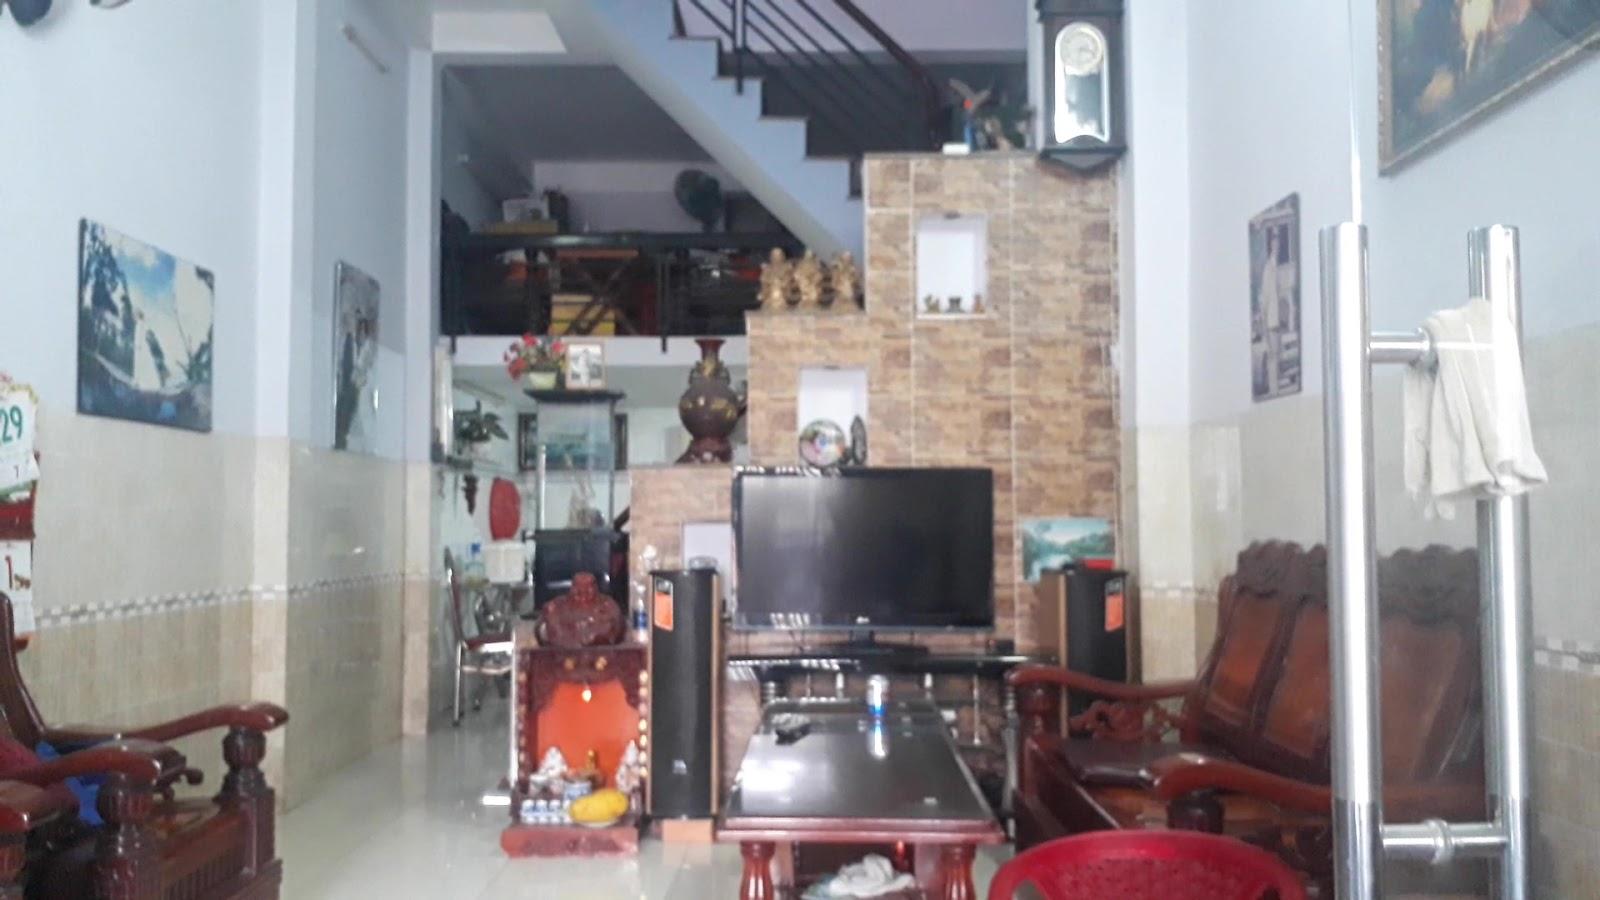 Bán nhà hẻm 7m Miếu Gò Xoài phường Bình Hưng Hòa A quận Bình Tân. DT 4x15m